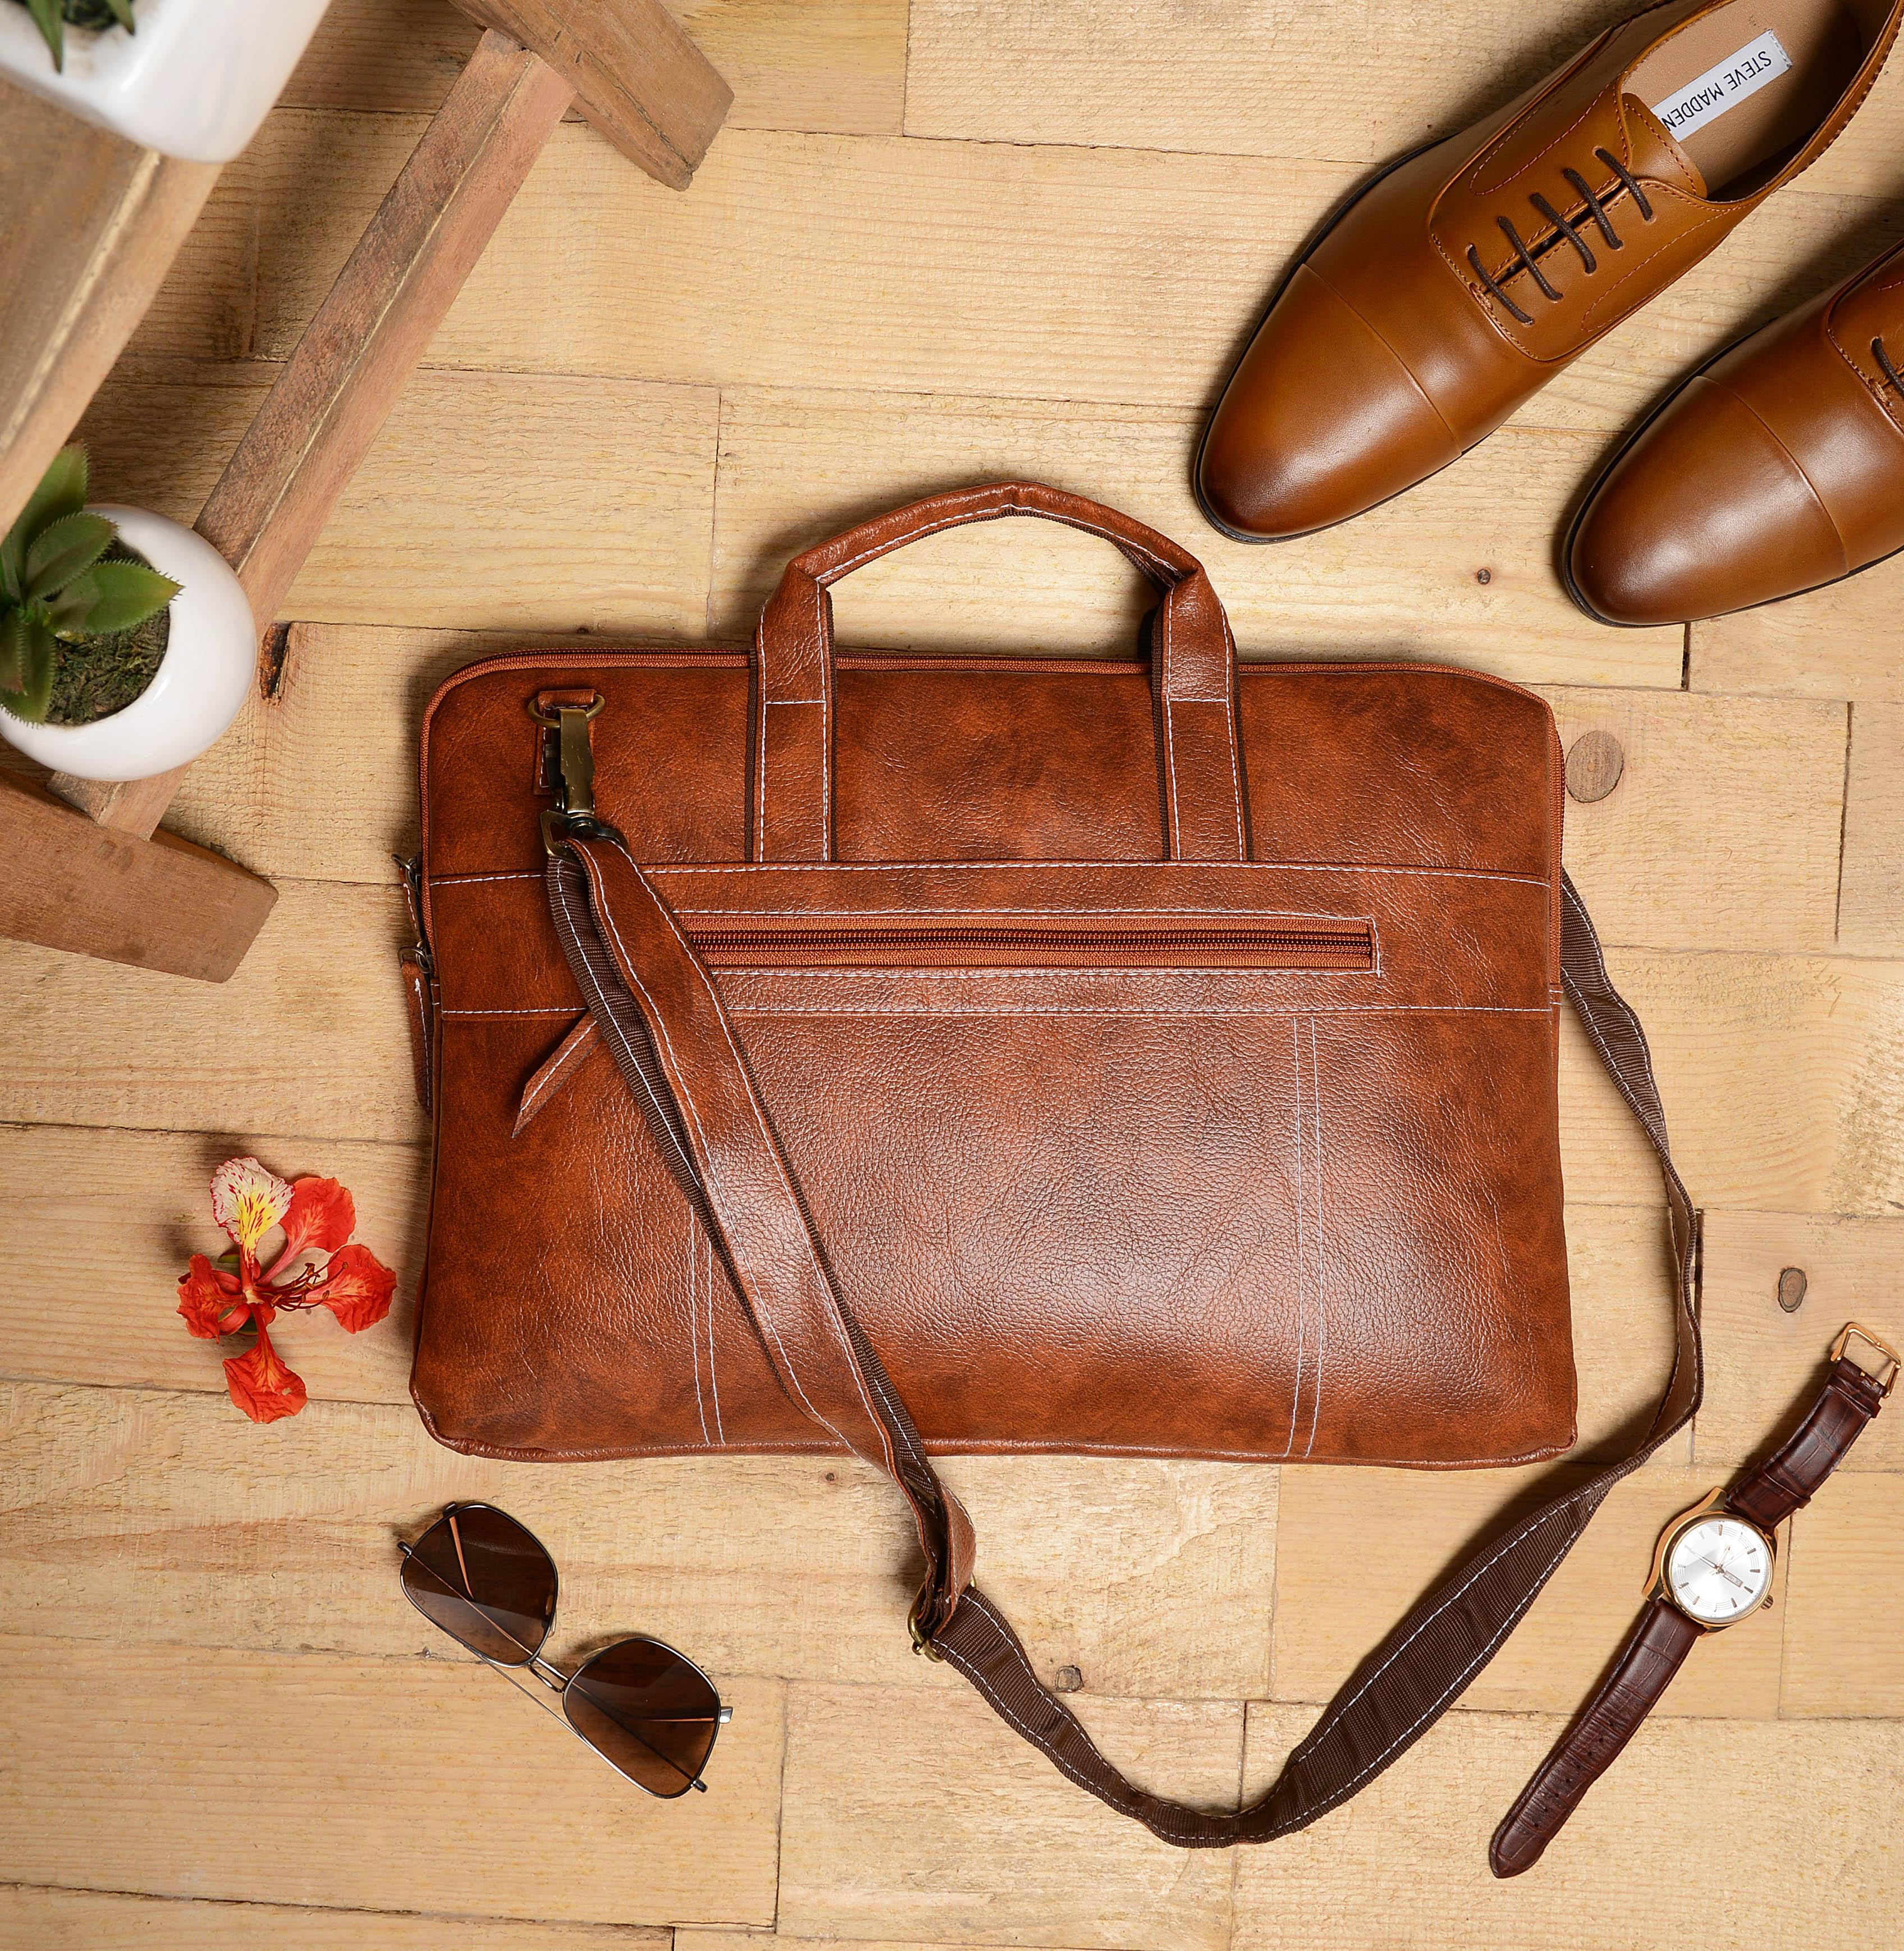 Vivinkaa | Vivinkaa Faux Leather 15.6 inch Full Tan Padded Laptop Messenger bag for Men & Women